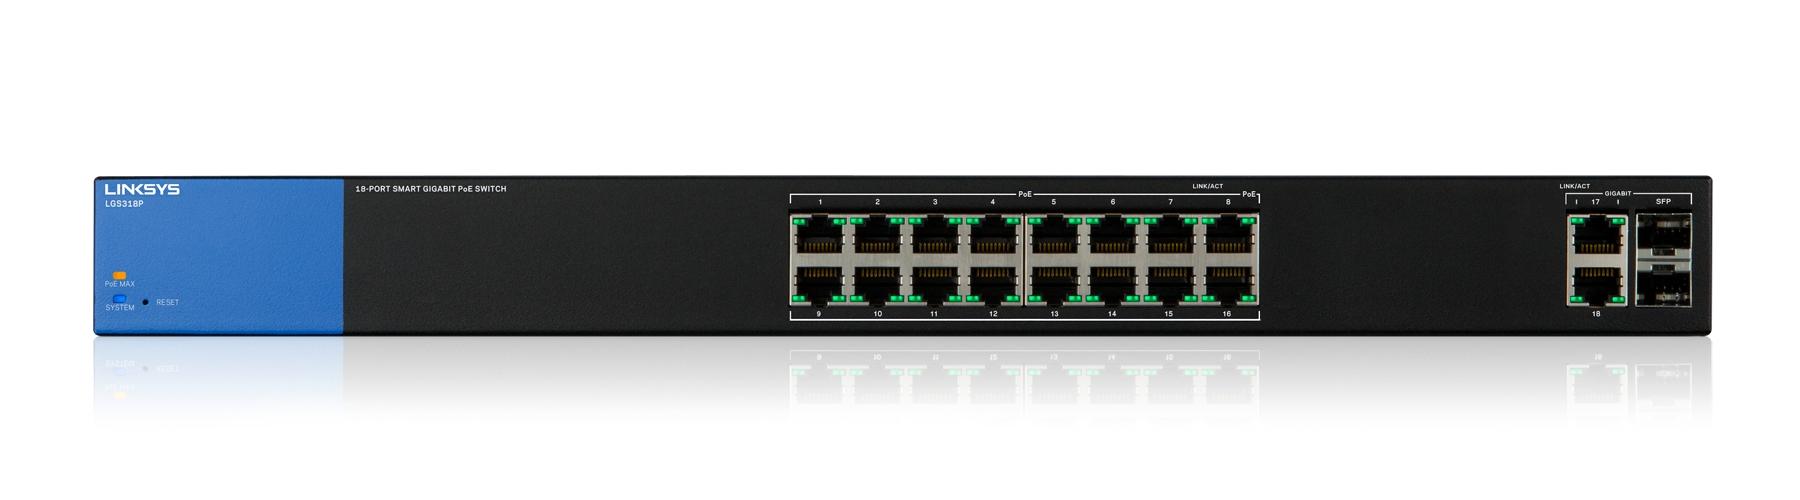 Linksys Smart Switch Gigabit PoE+ de 18 puertos (LGS318P)